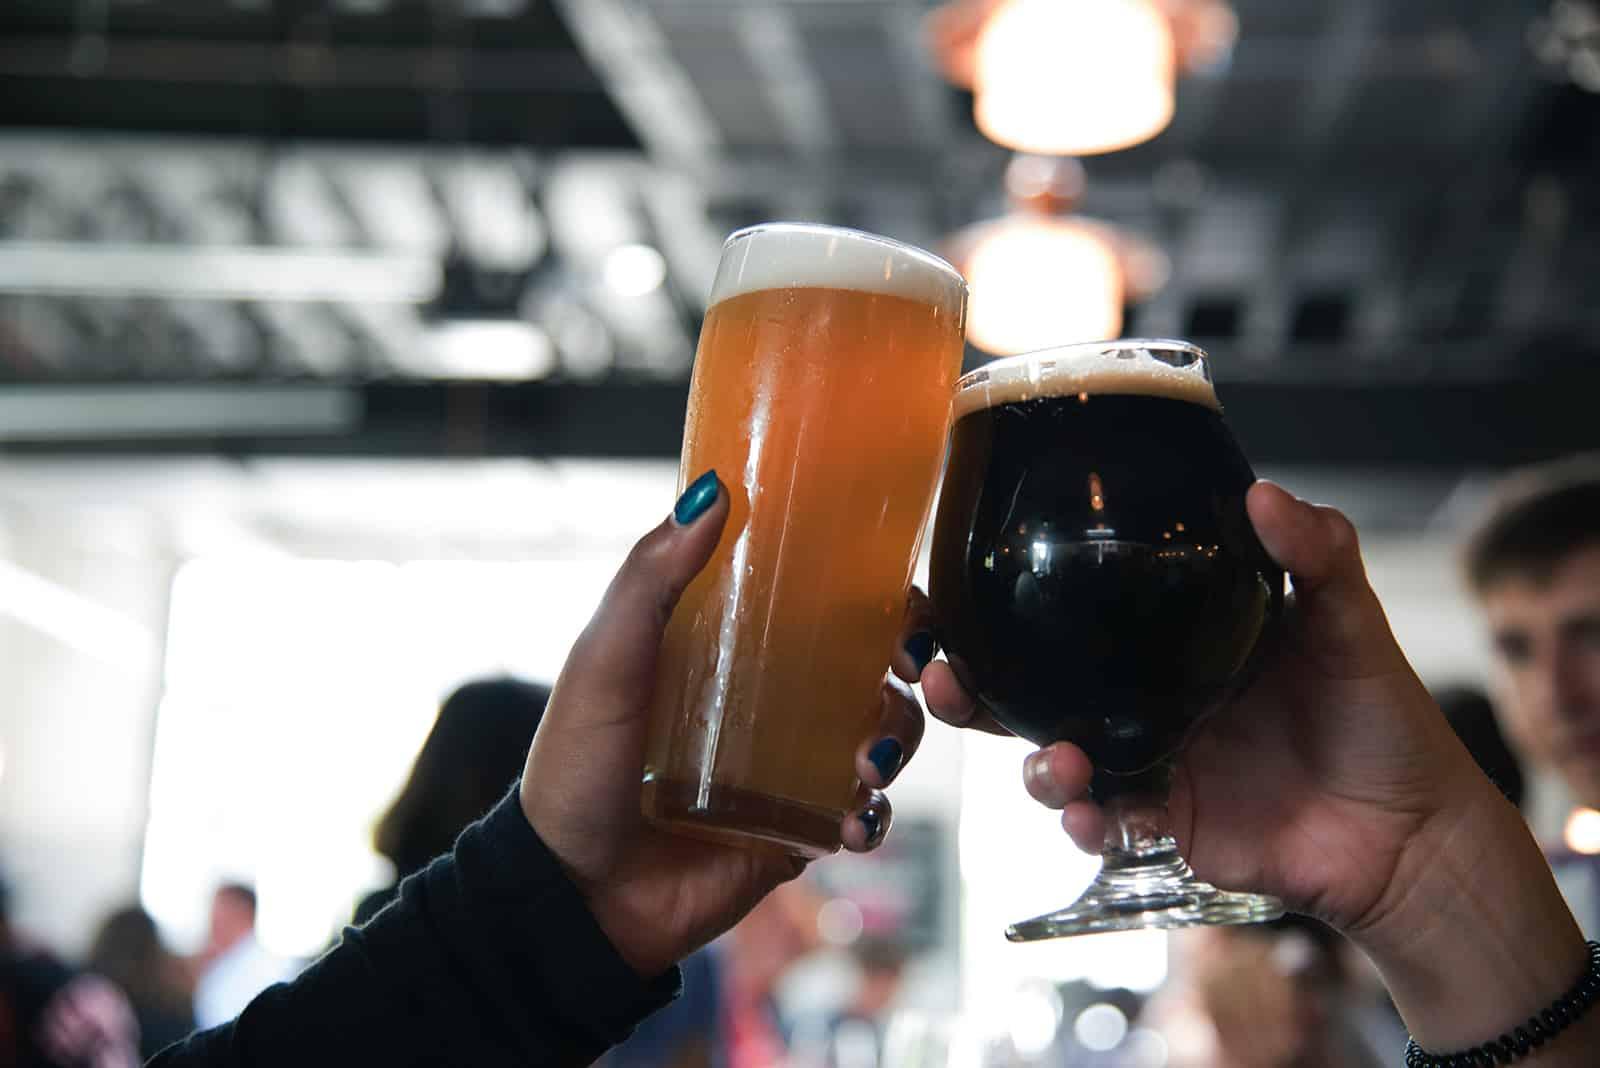 Zwei Personen rösten mit Bier in der Kneipe